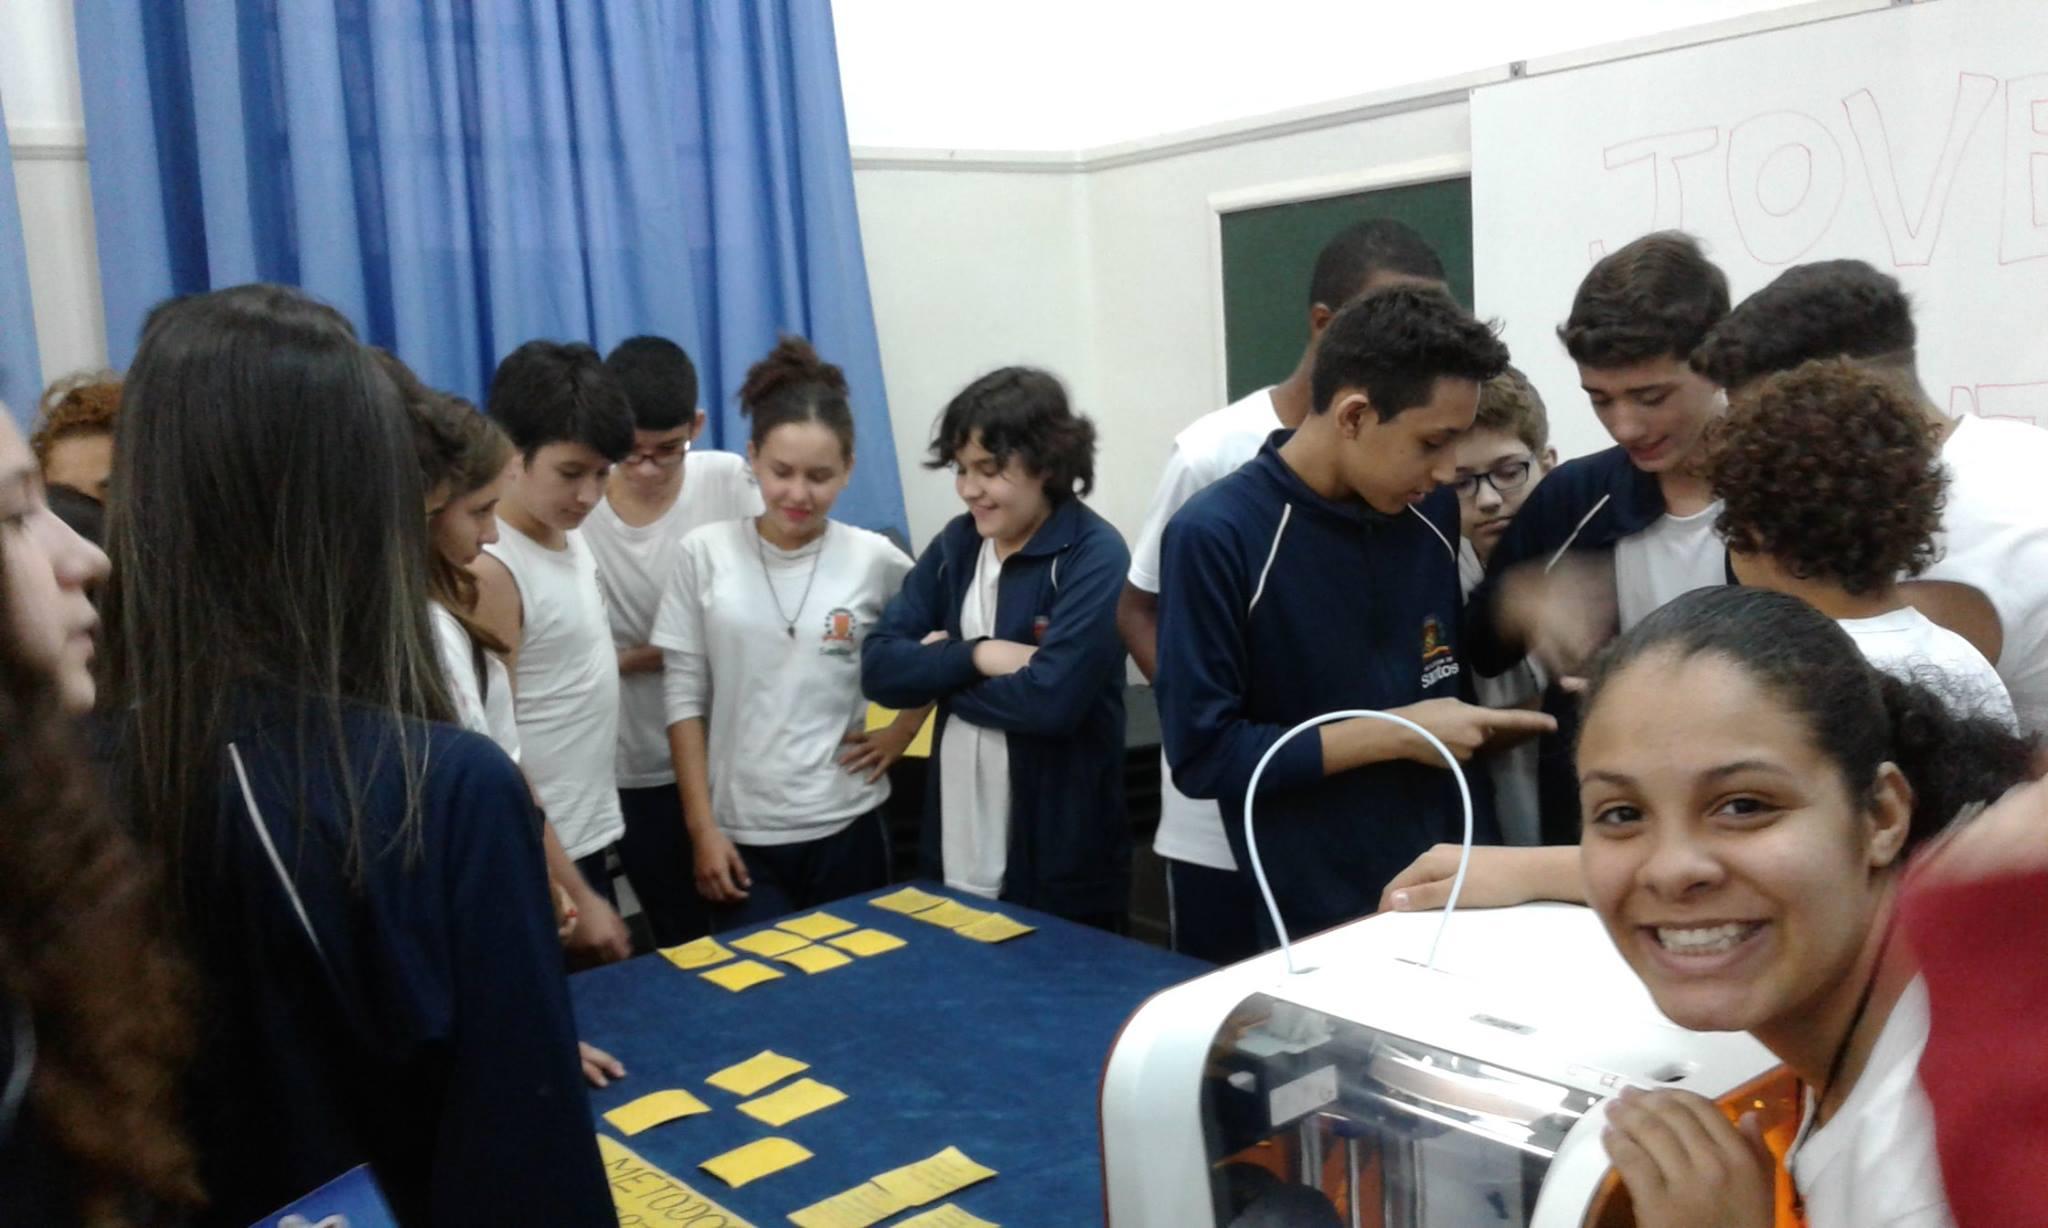 Aprender com criatividade: os jovens doutores desenvolvem jogos para ensinar.